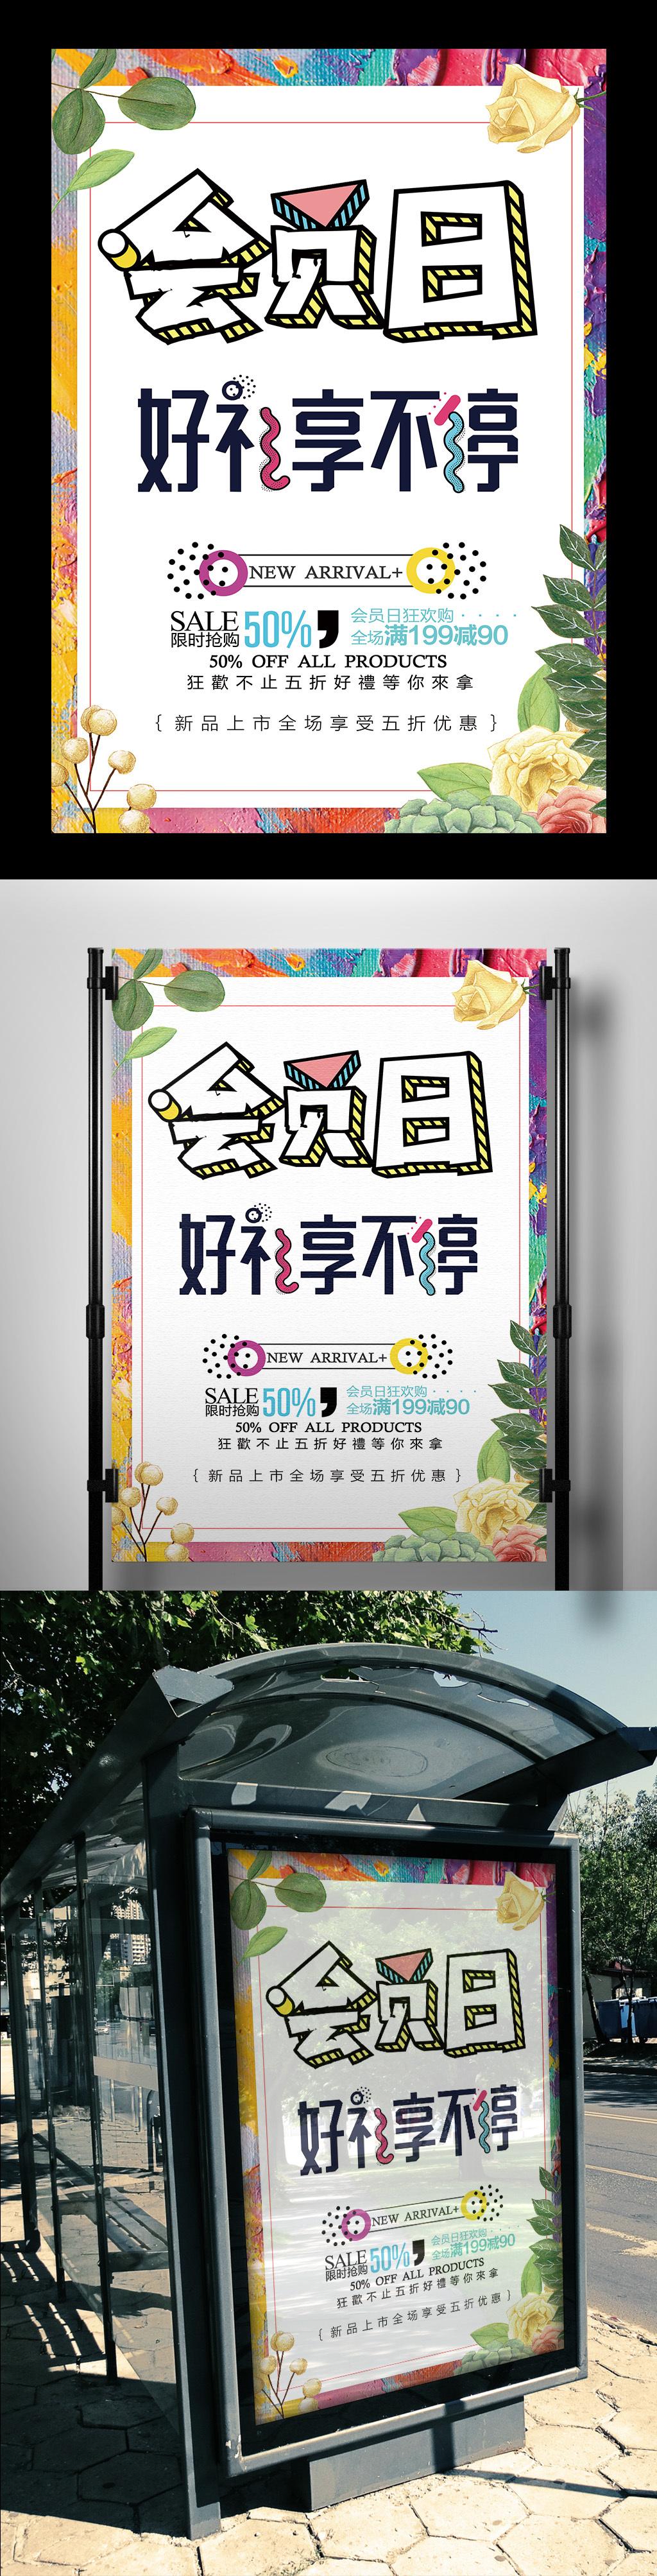 平面 广告设计 海报设计 pop海报 > 2017年简约绚丽会员日海报模板